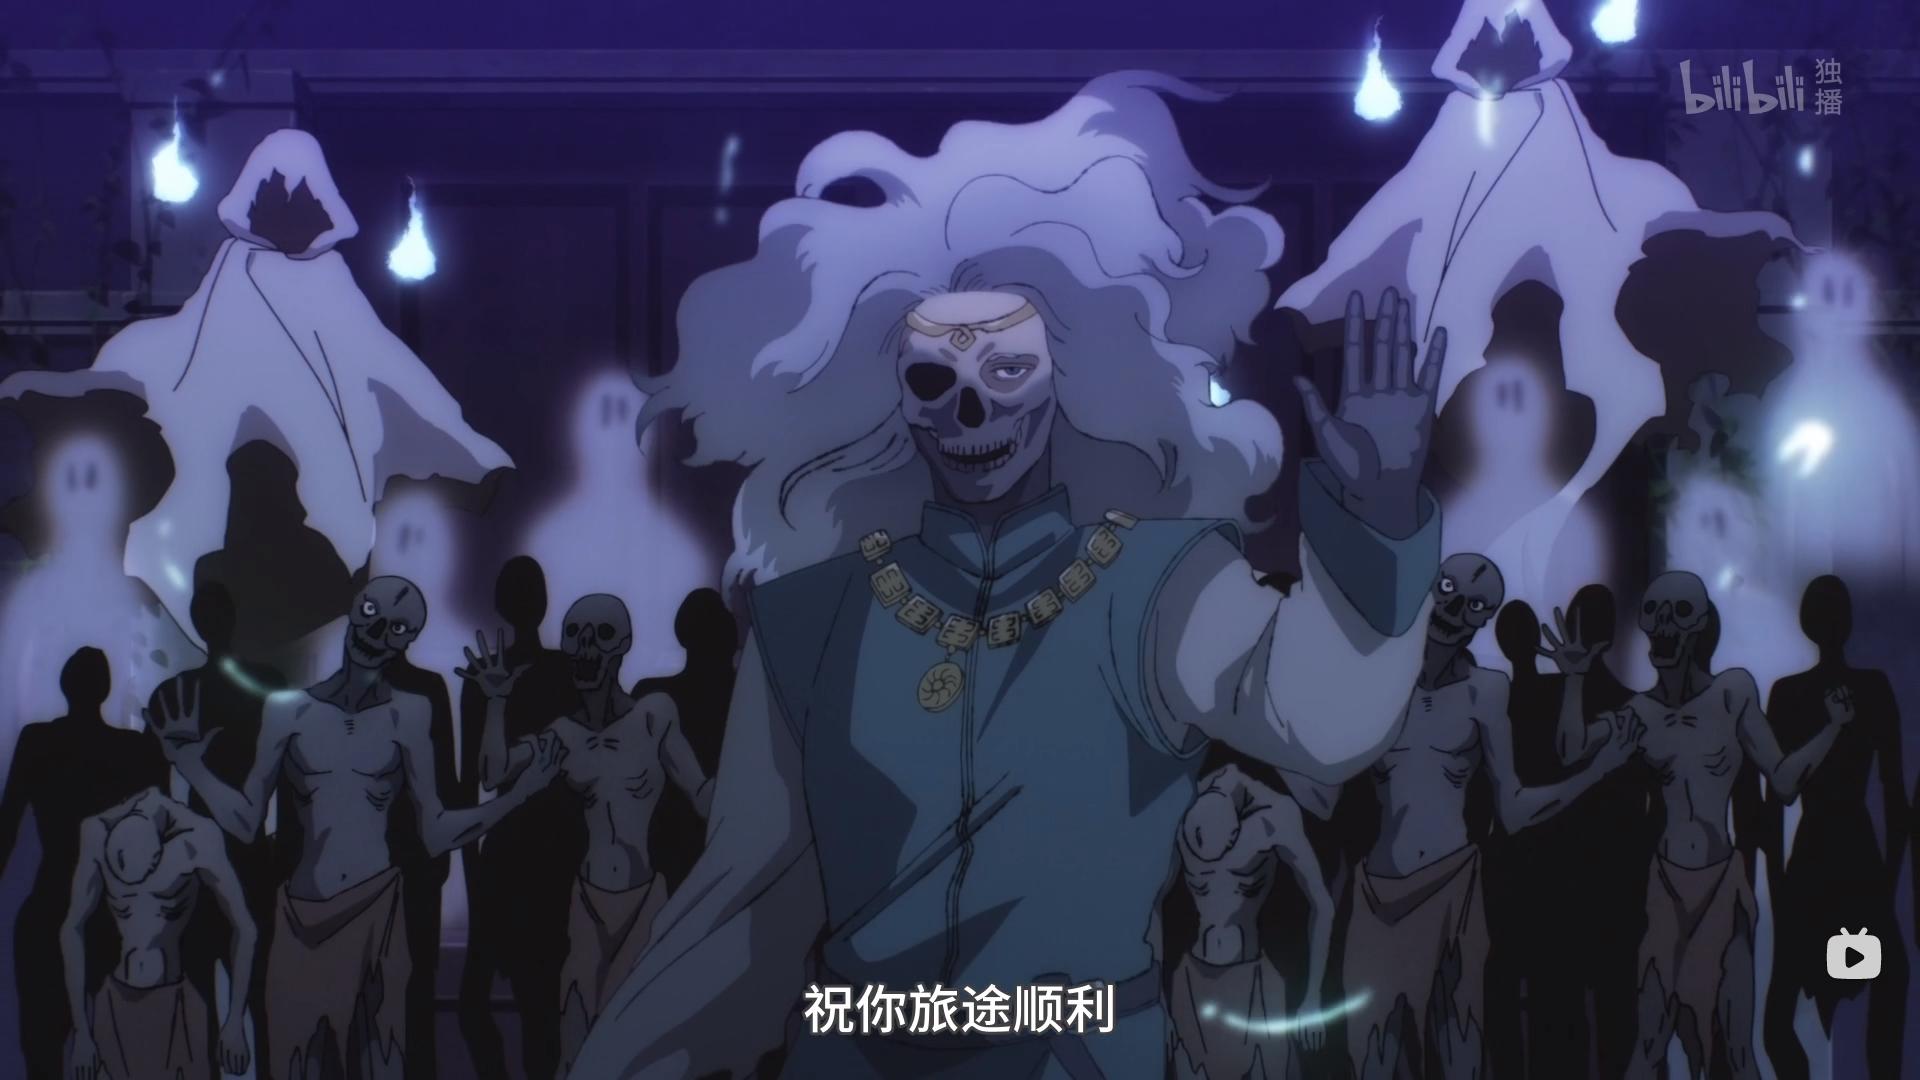 龙先生,想要买个家02:疯狂玩梗,碰瓷任天堂